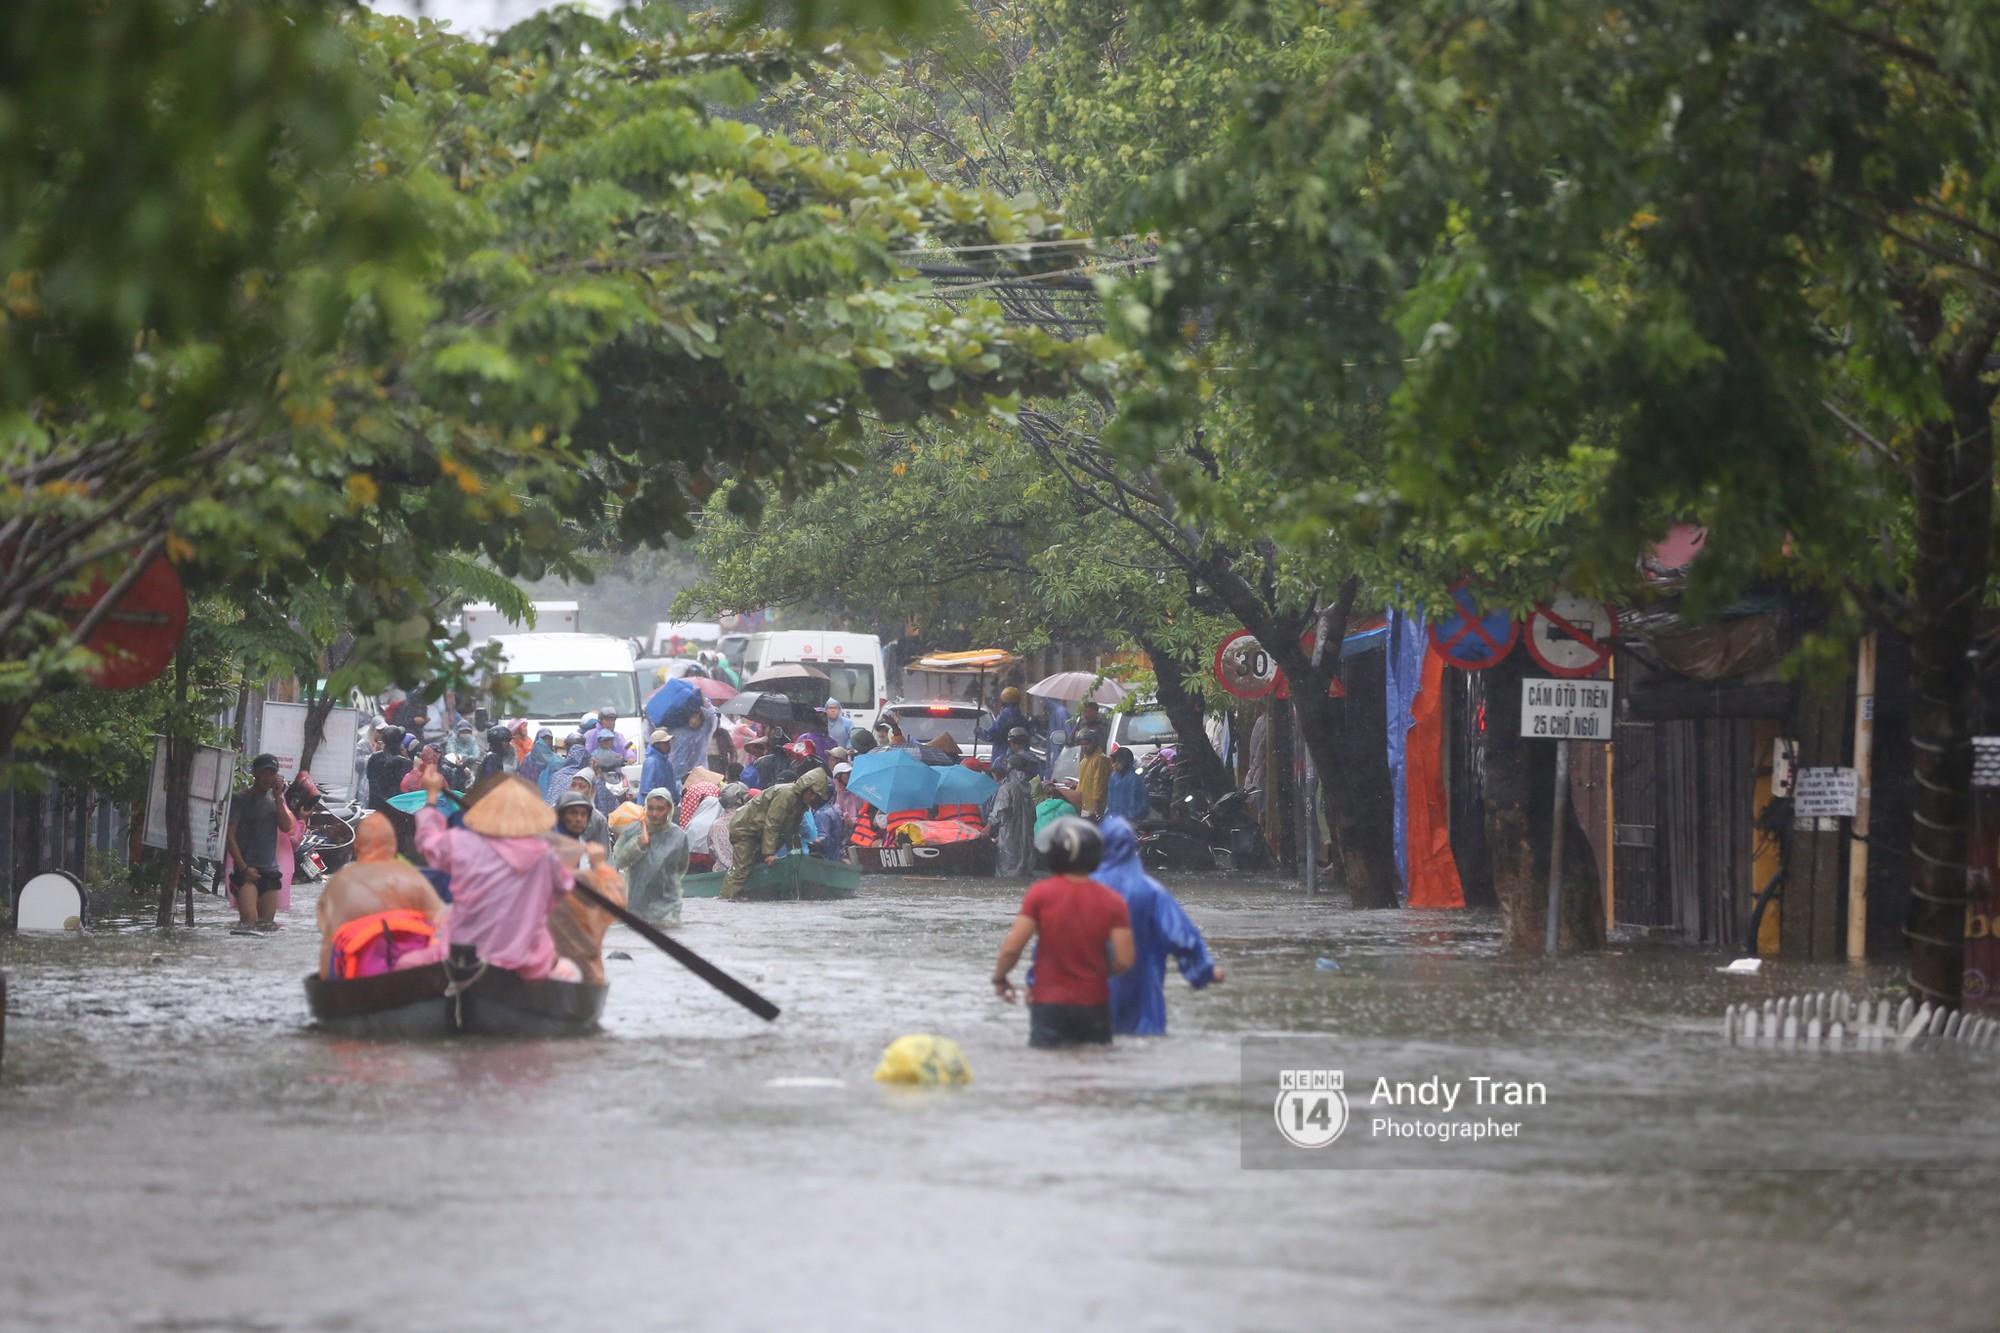 Chùm ảnh: Hội An nước ngập thành sông do ảnh hưởng của bão, người dân và du khách chật vật dùng thuyền bè di chuyển - Ảnh 22.